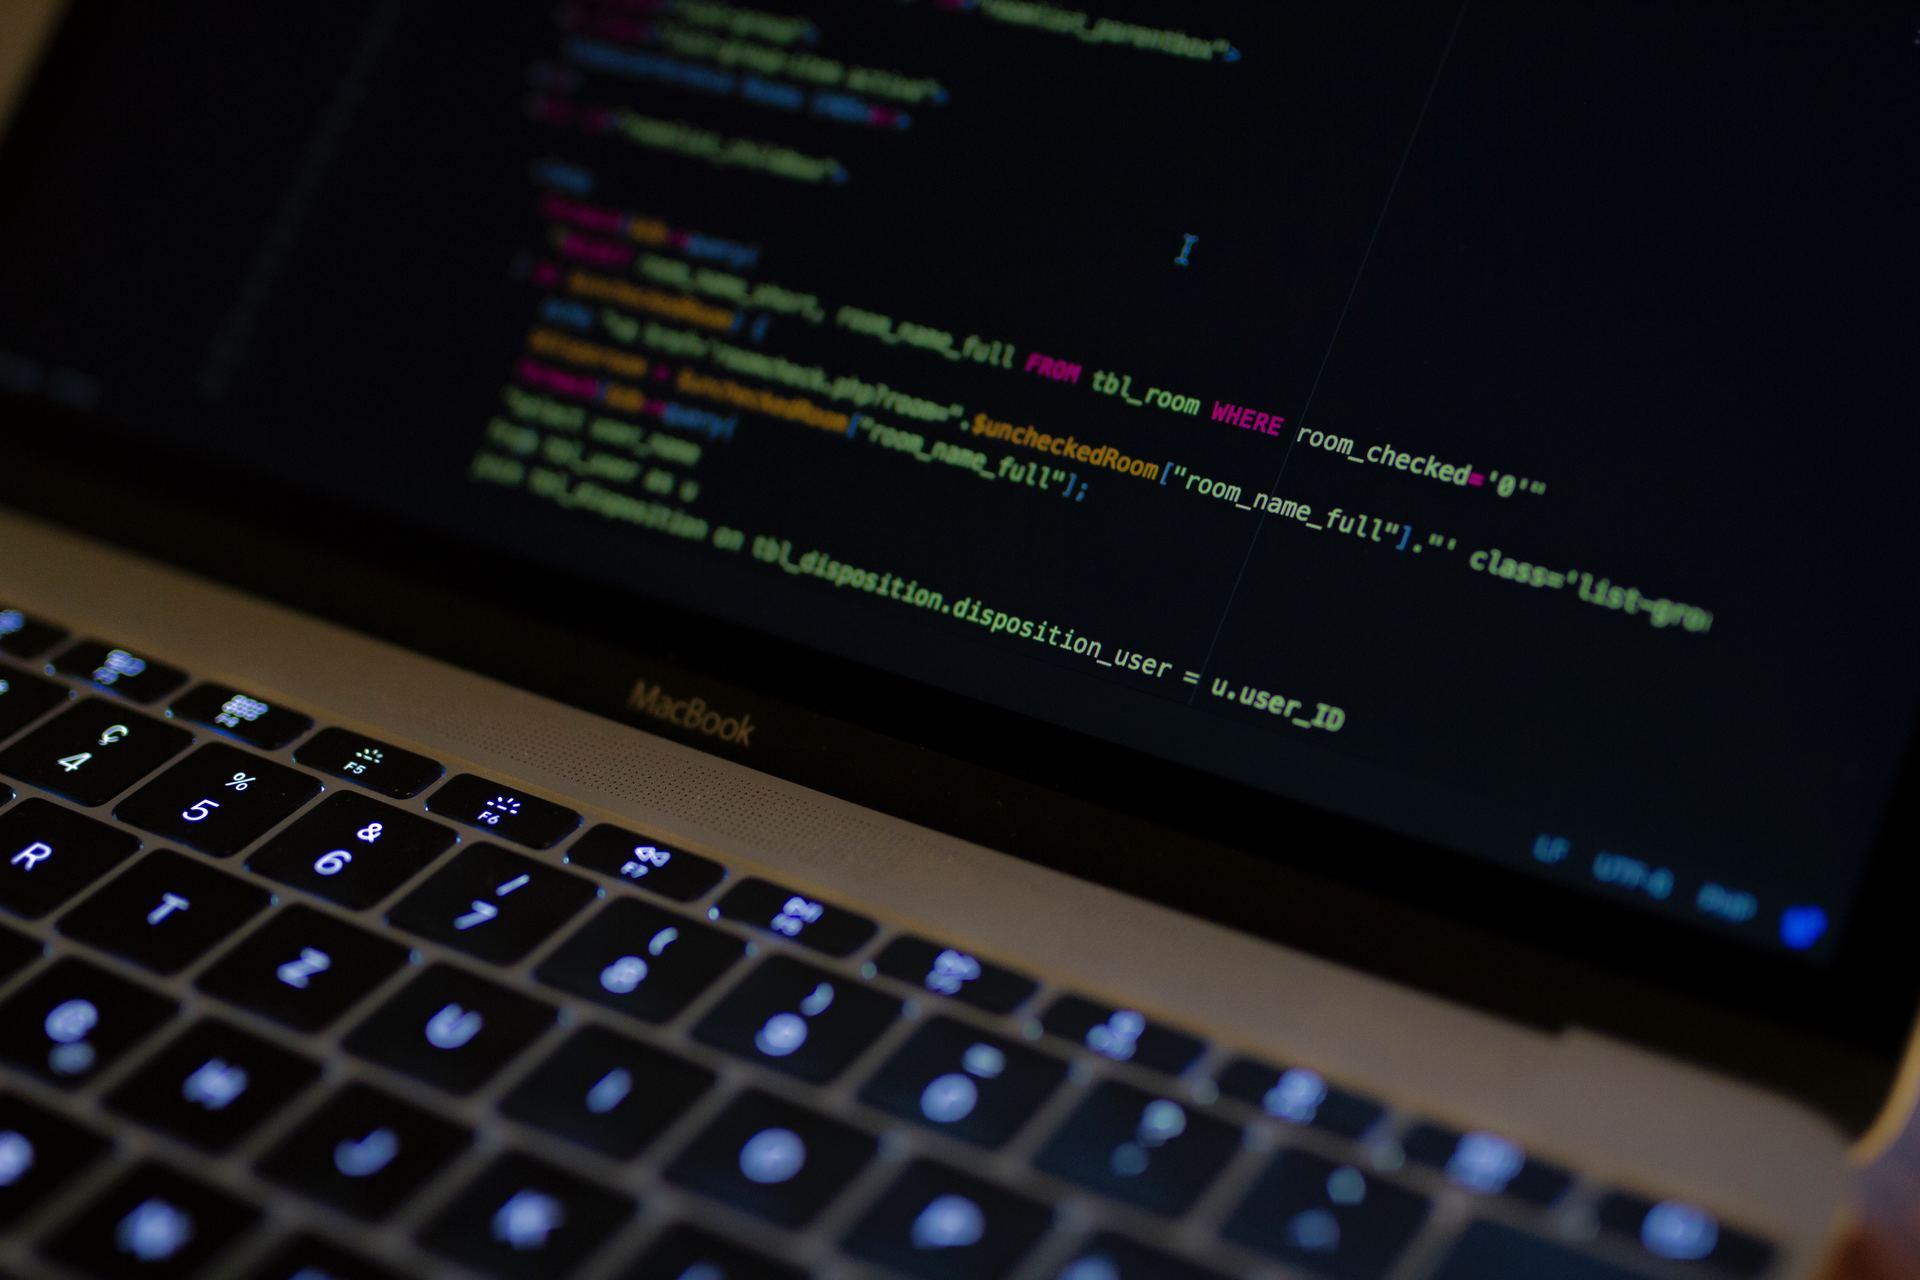 Nem håndtering af data med SQL kurser